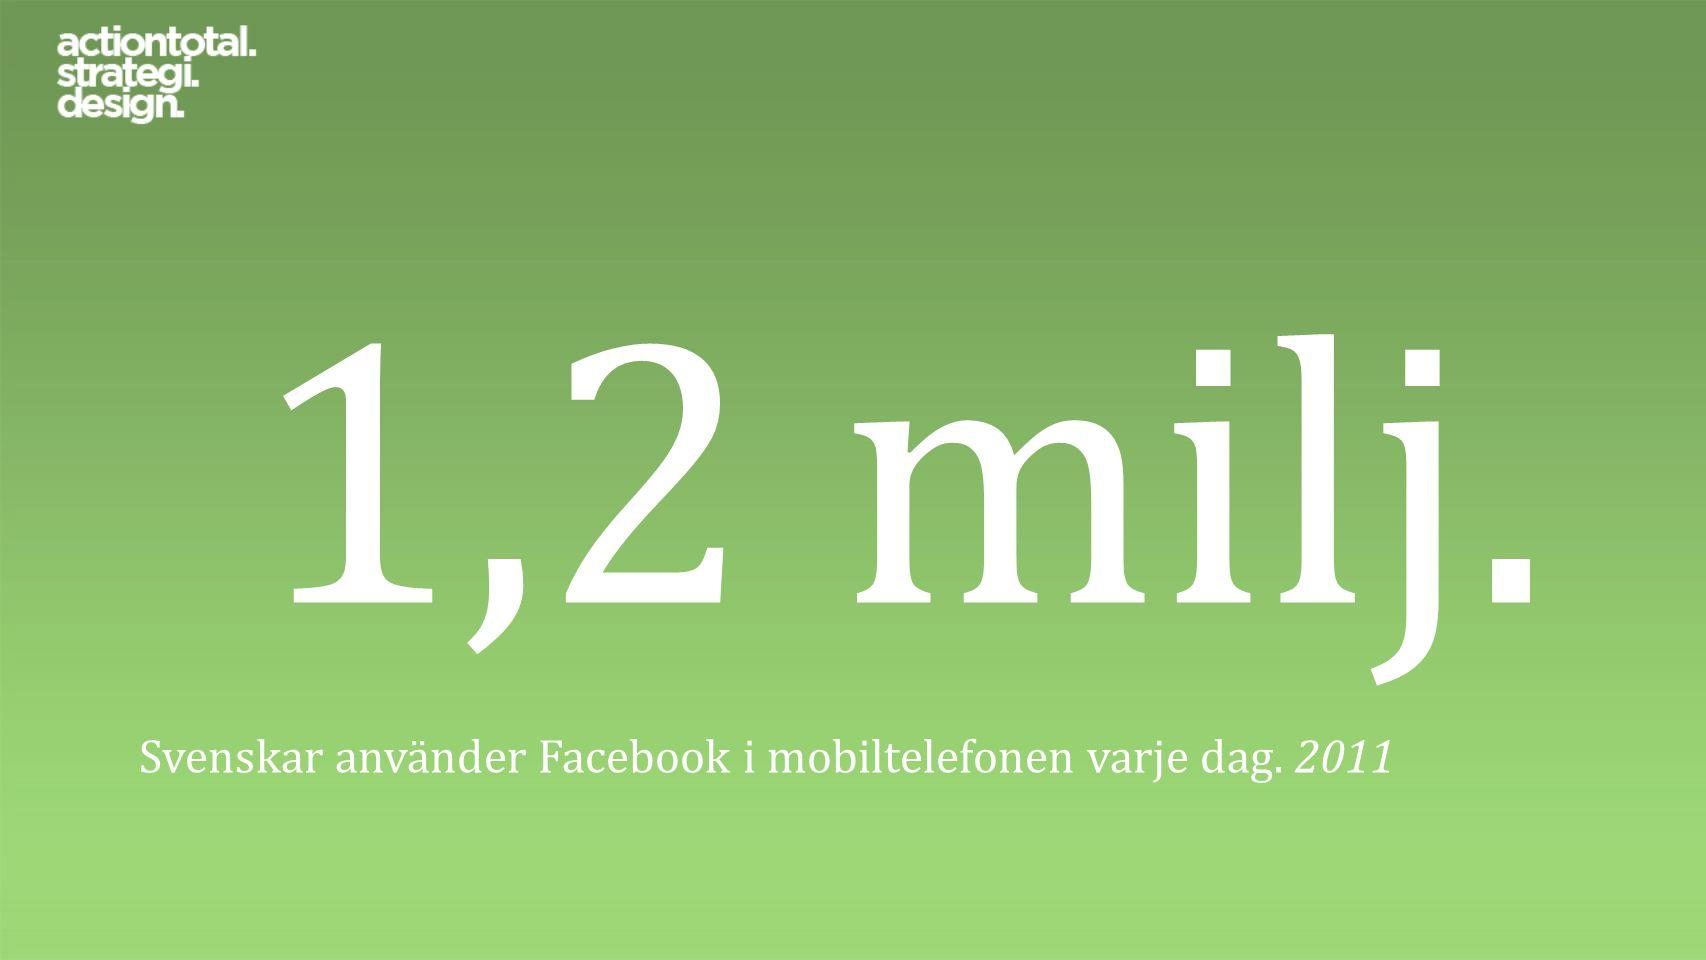 1,2 milj. Svenskar använder Facebook i mobiltelefonen varje dag. 2011